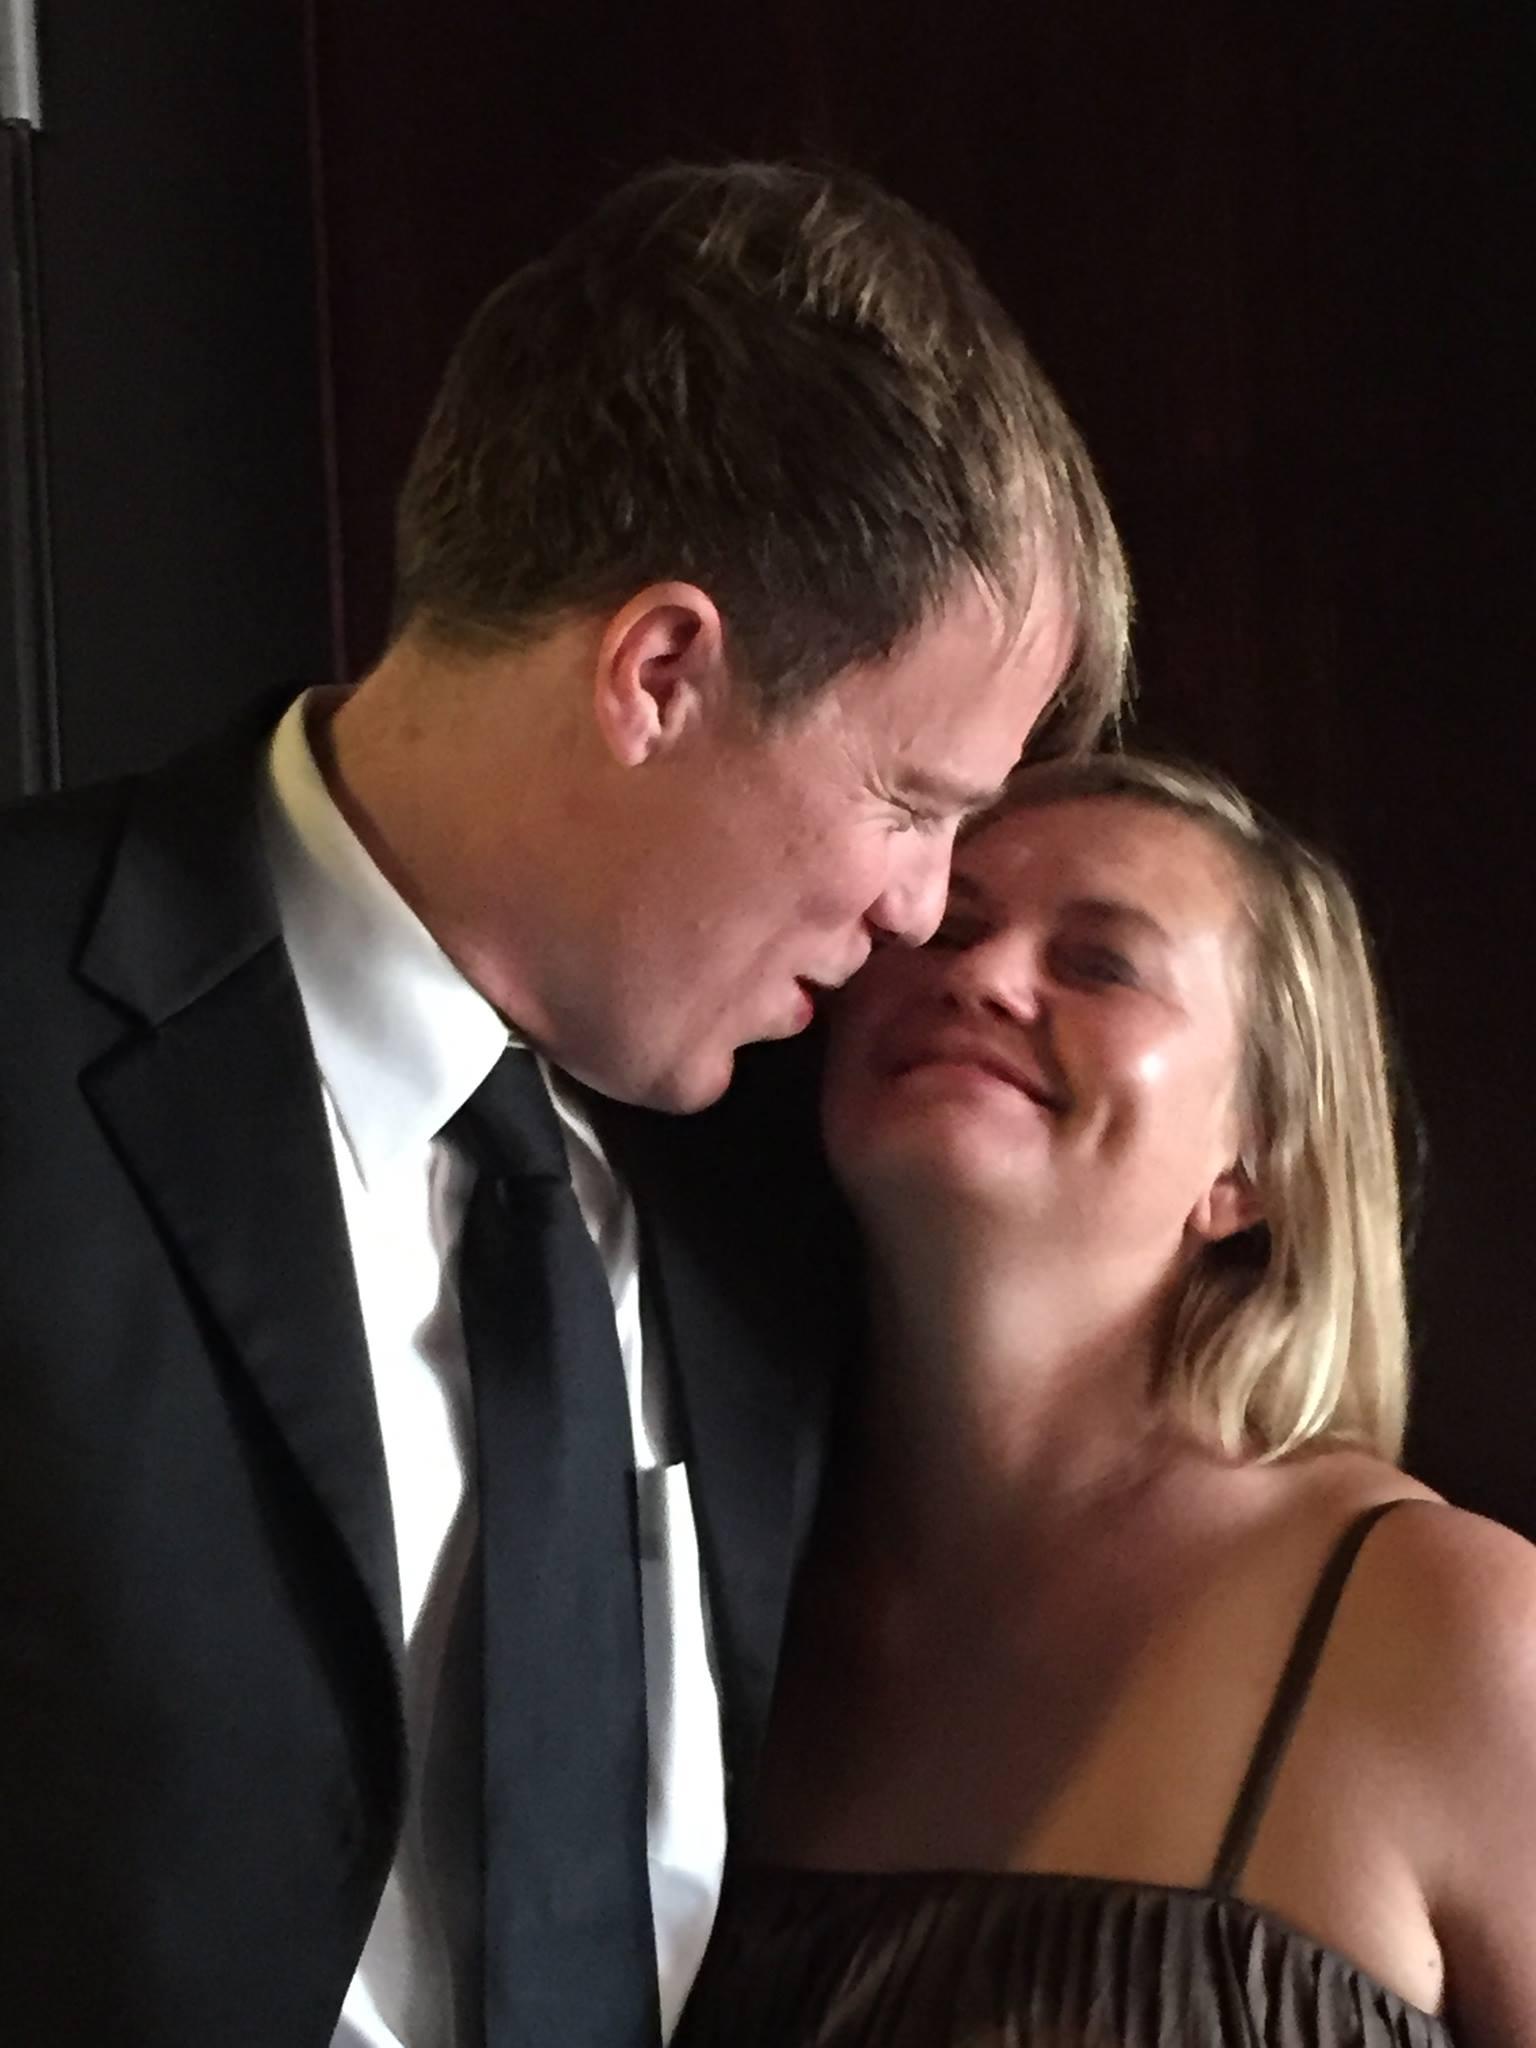 Erik and Nicole